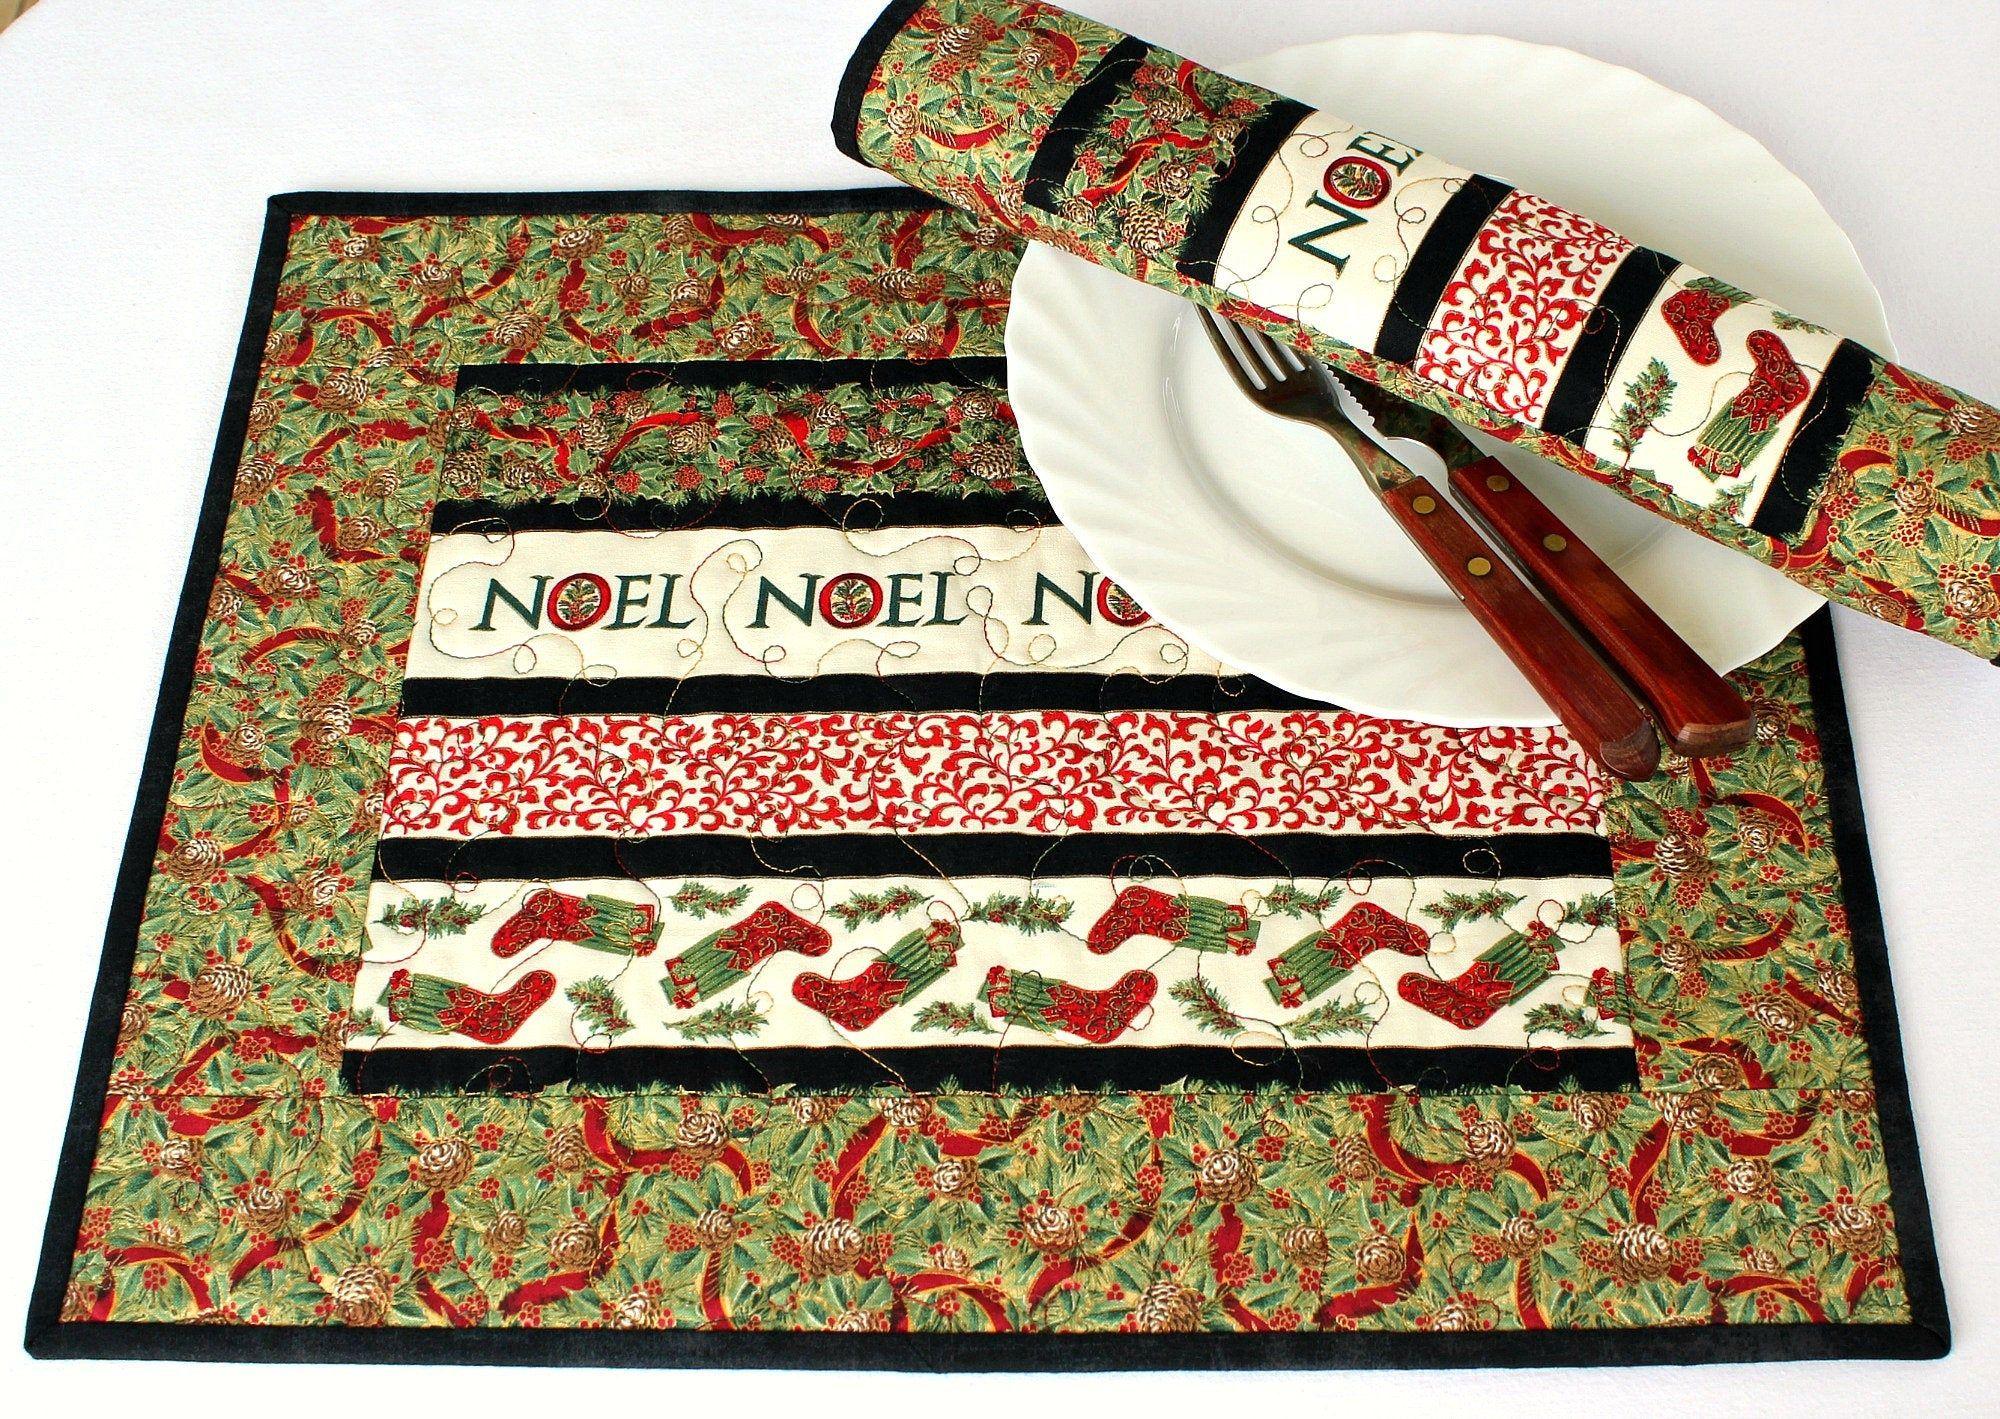 Pin On My Handmade Christmas